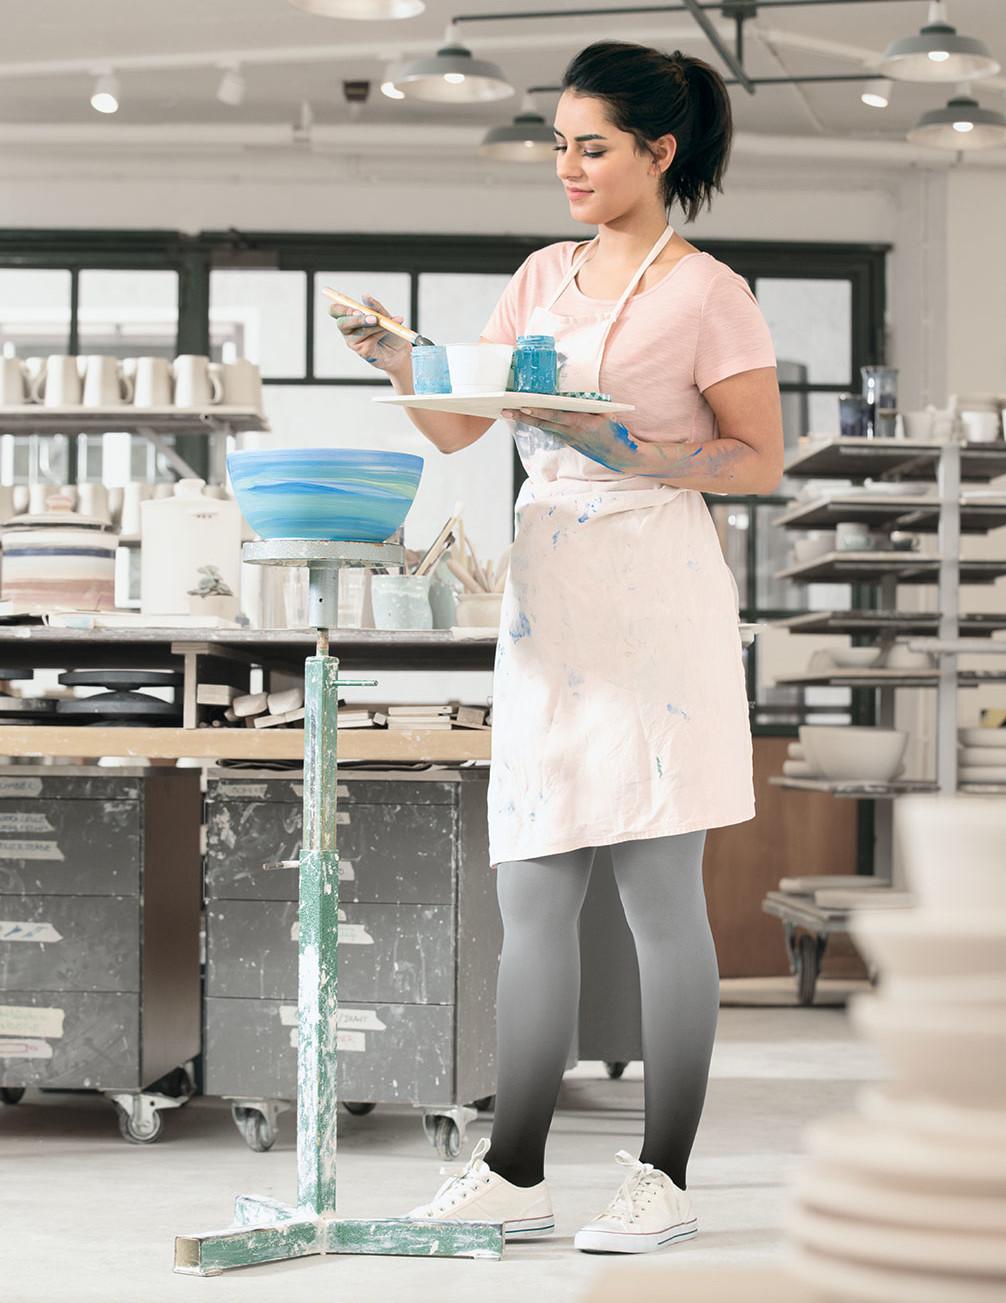 Una donna osserva dei vassoi in argilla indossando calze compressive Juzo Inspiration in Dip Dye colore Mirtillo